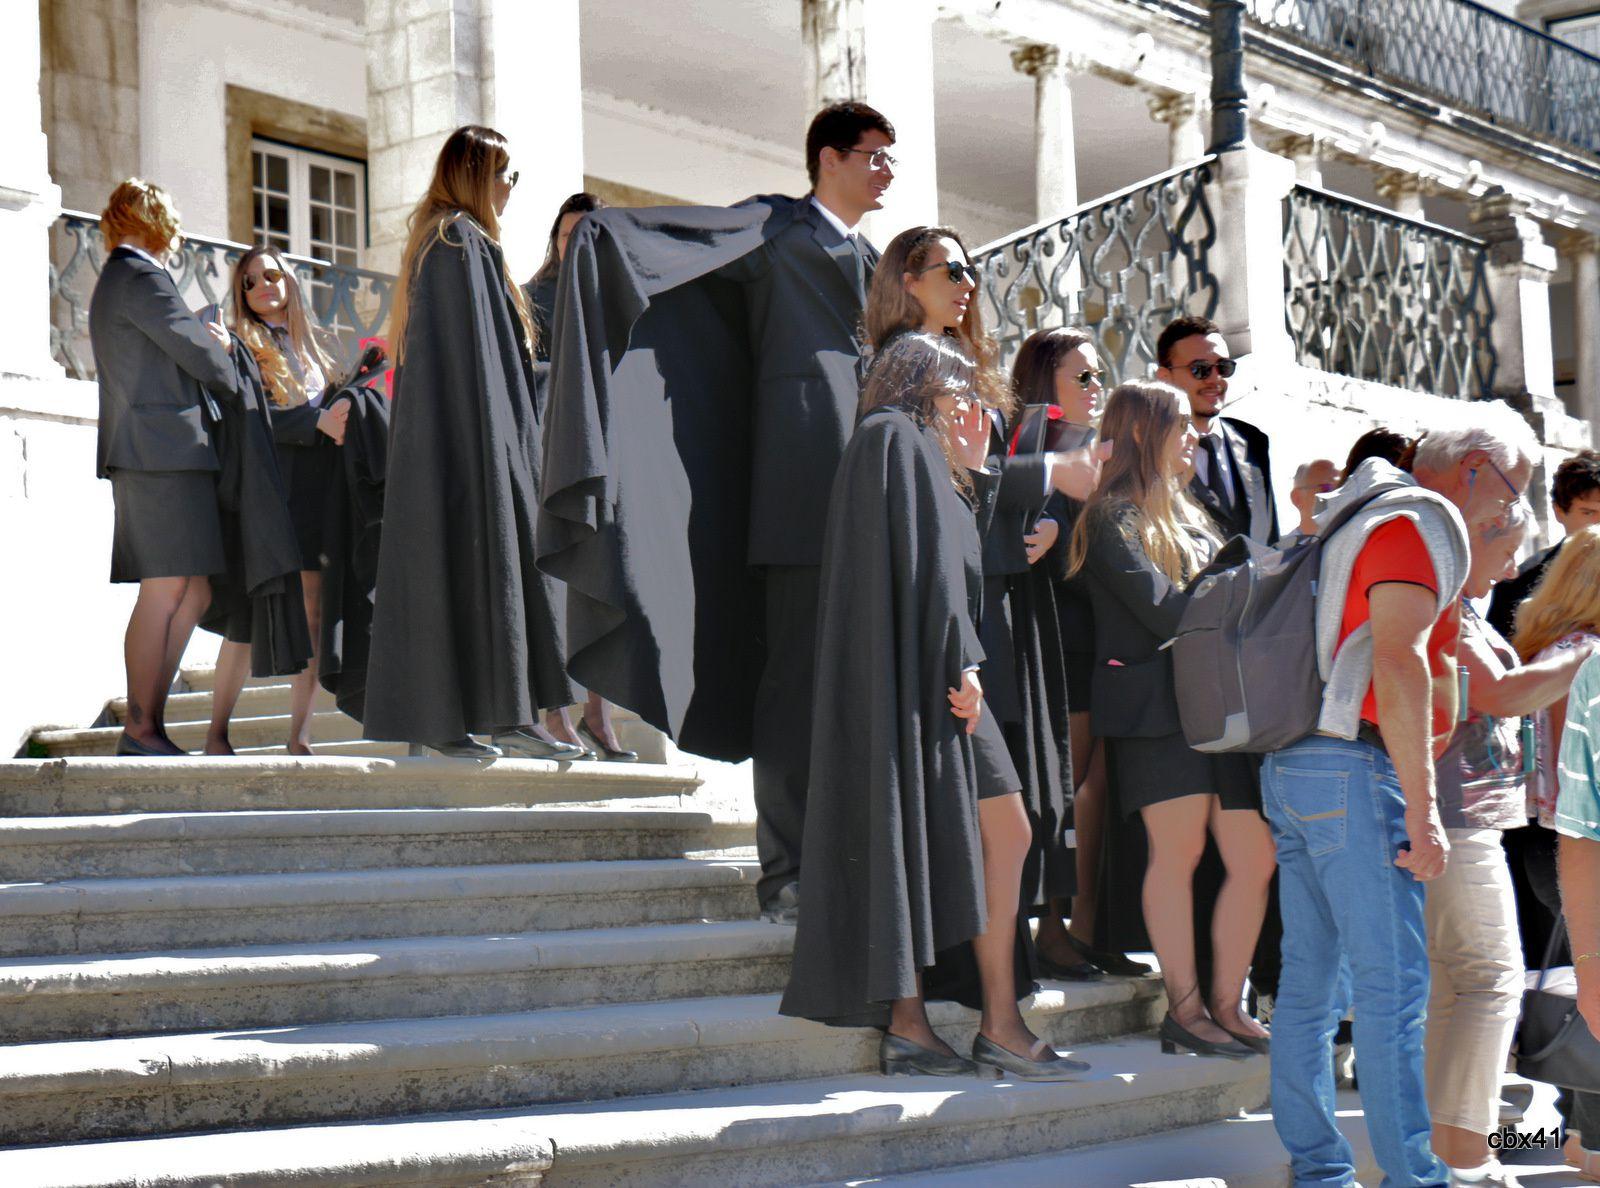 Etudiants de l'Université de Coimbra (Portugal)